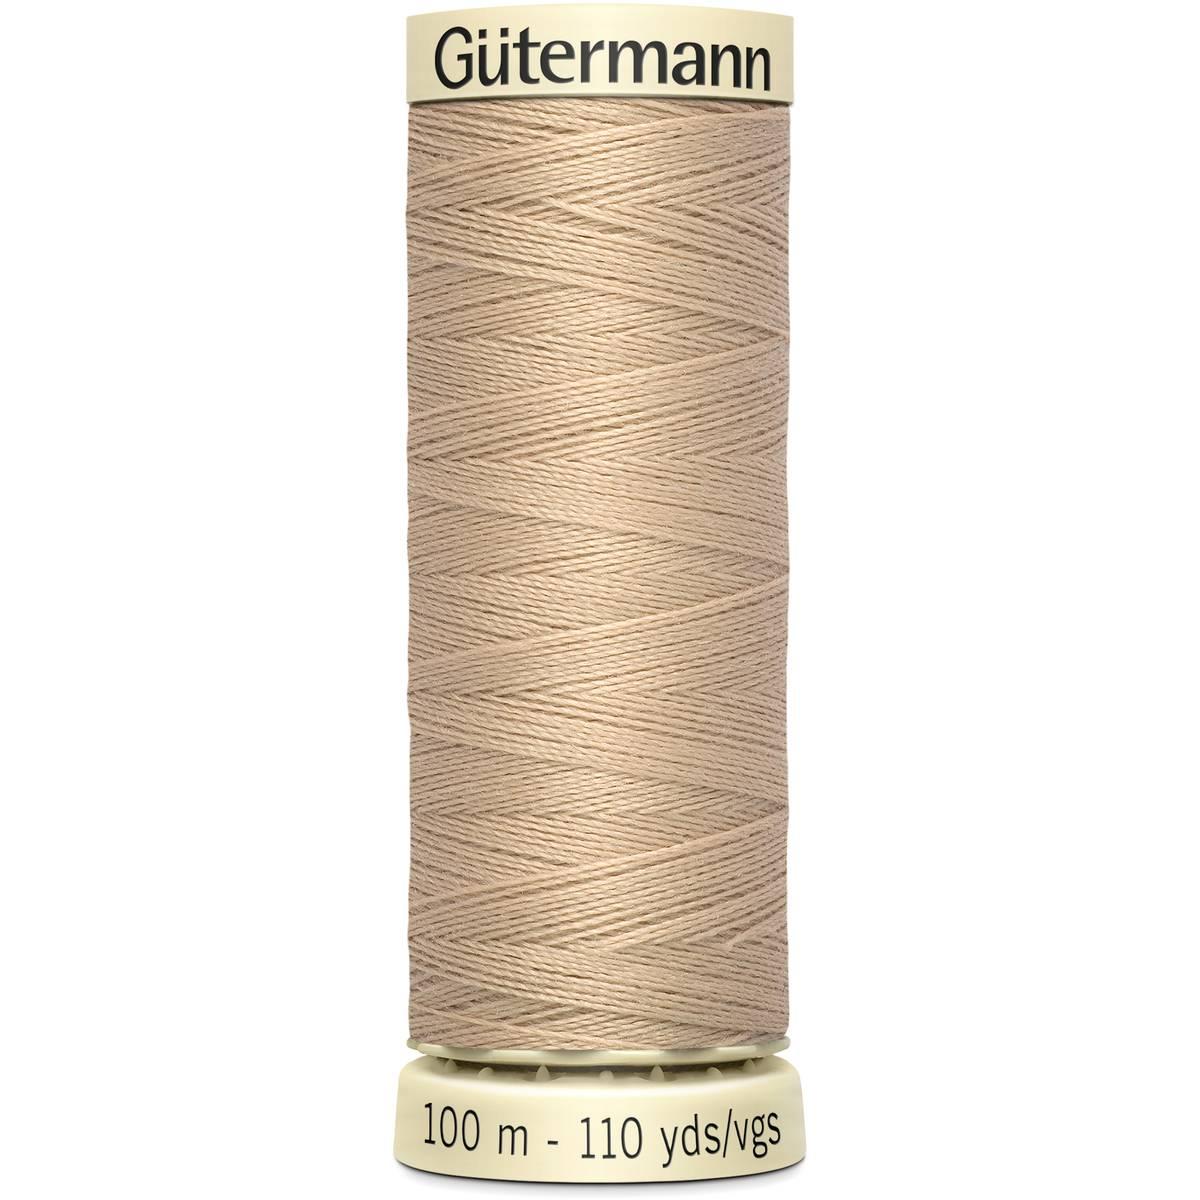 חוט תפירה גוטרמן - Beige 186